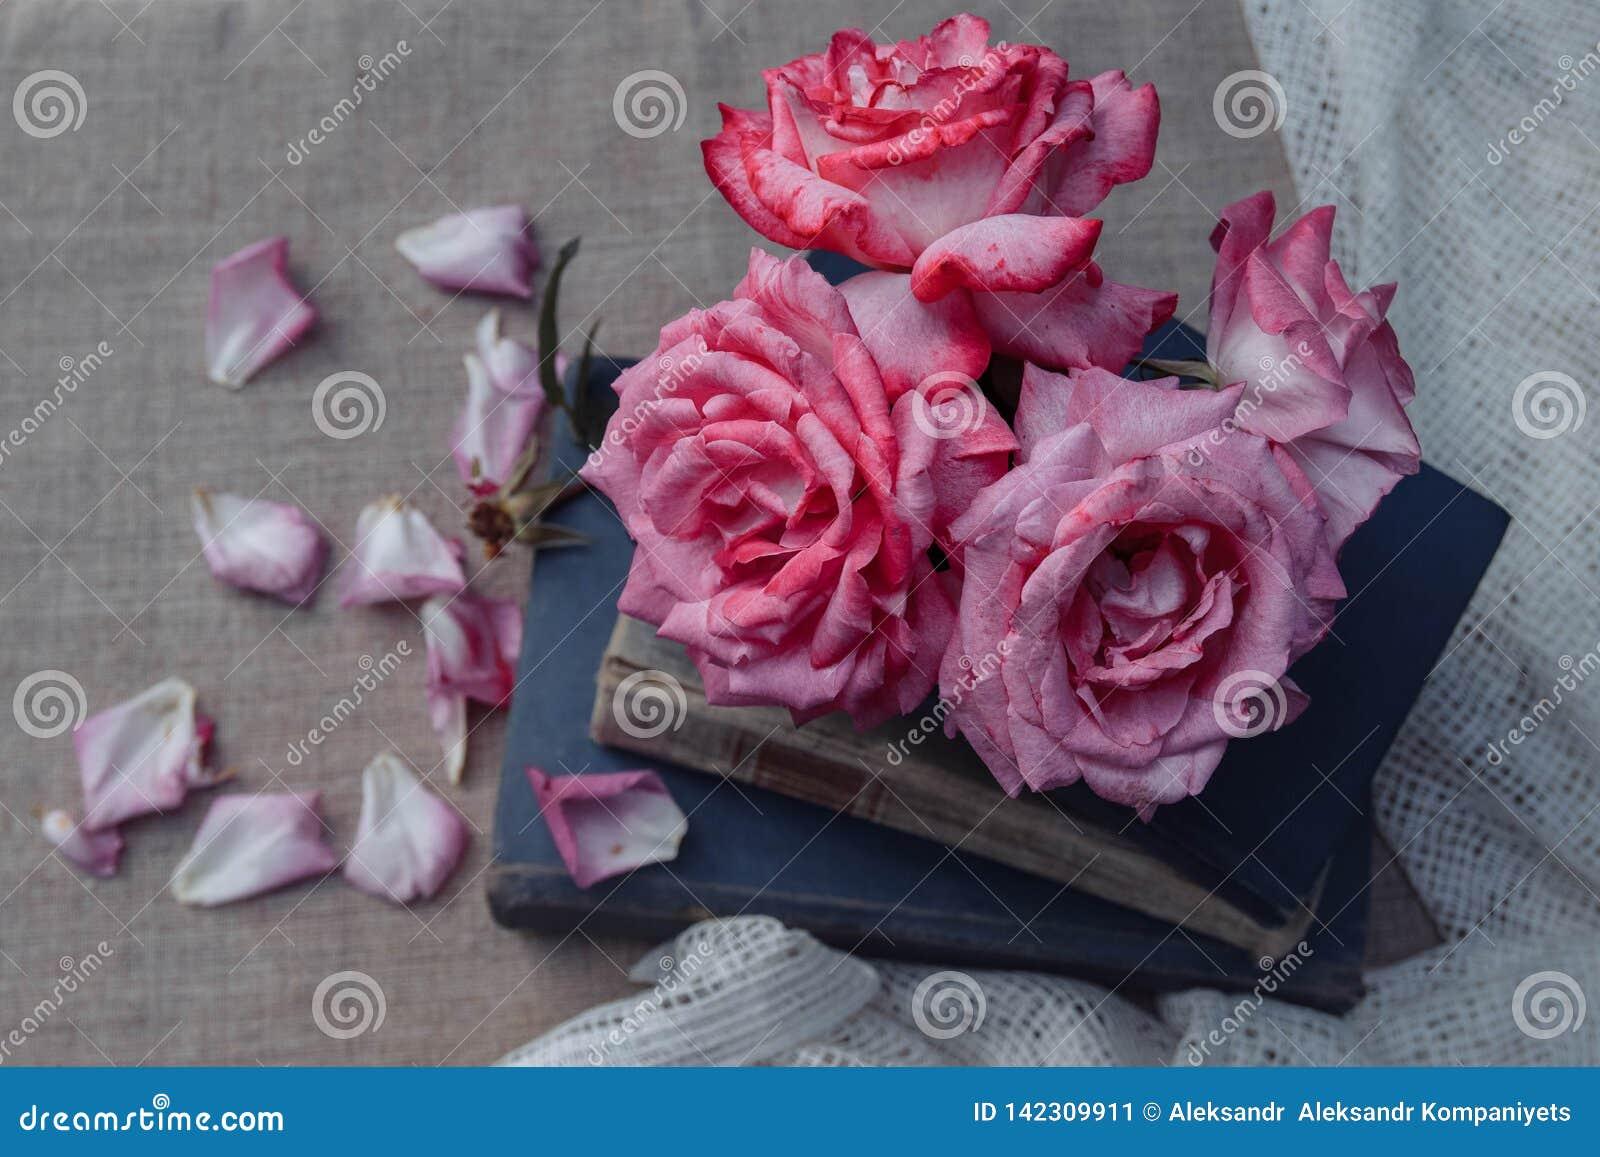 Rocznika czas wolny, czytanie i kwiaty,